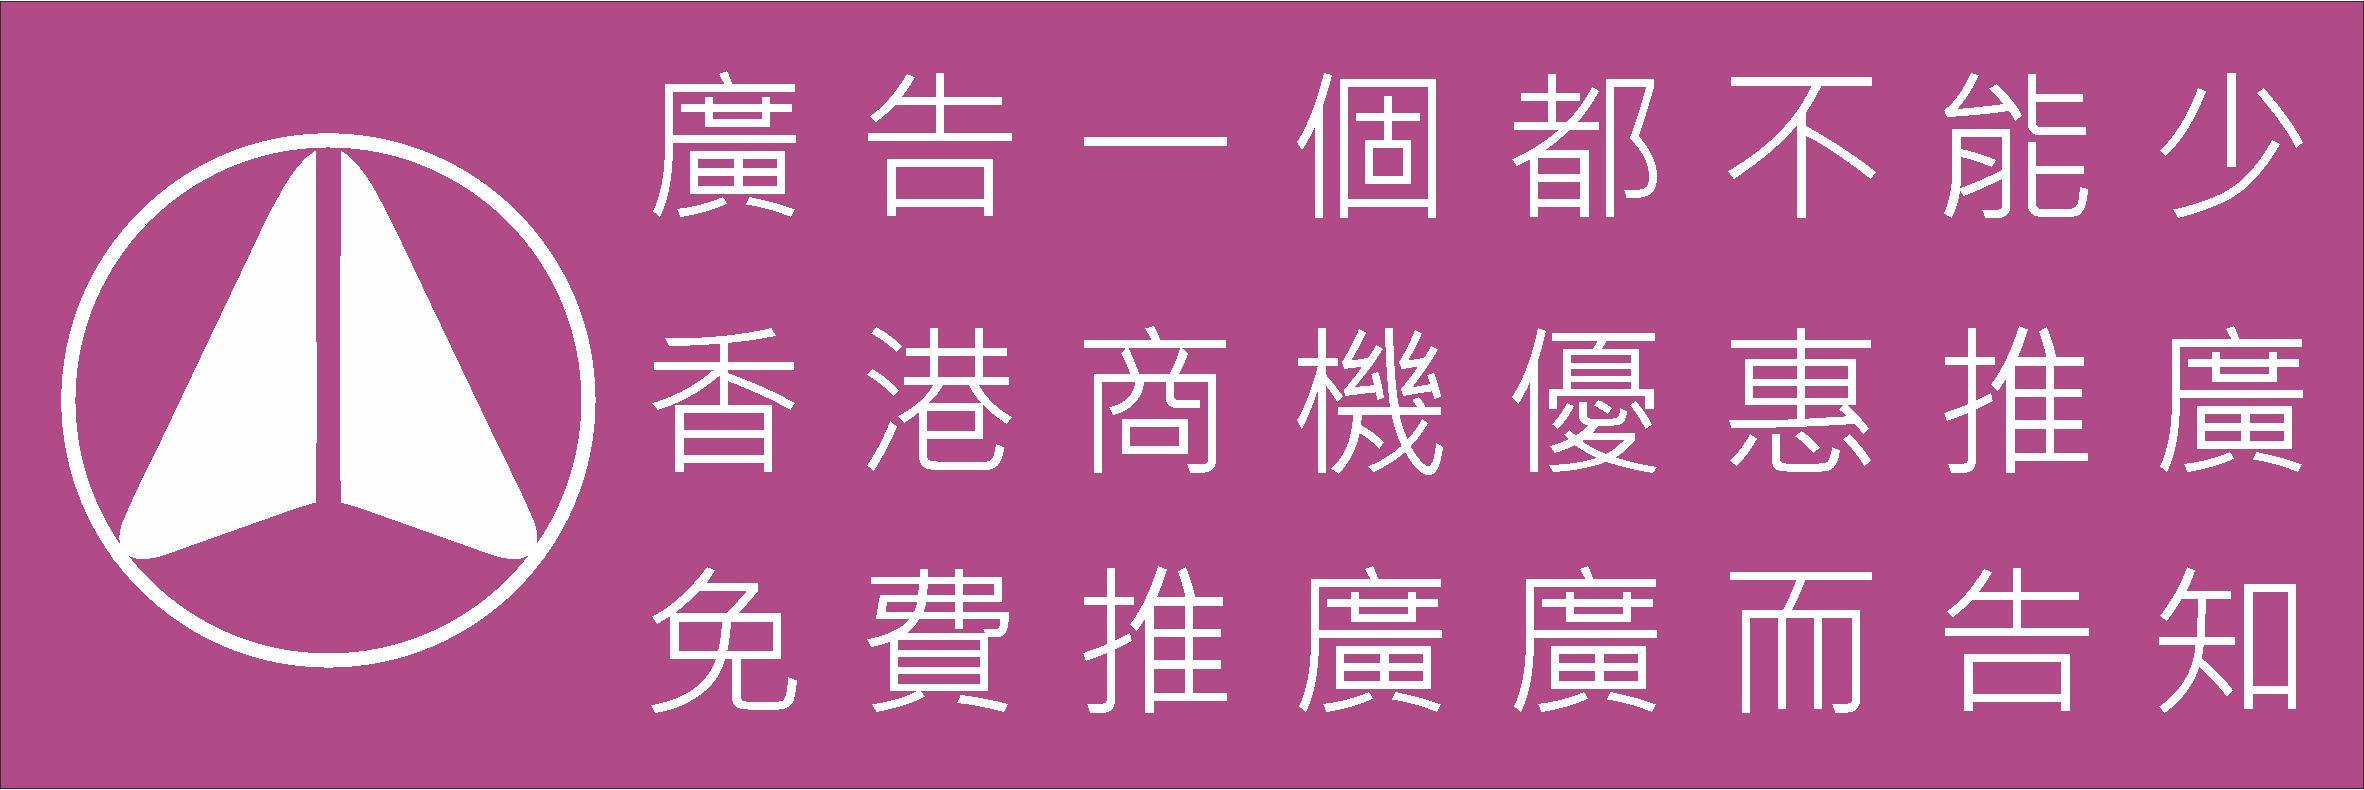 香港商機優惠推廣群